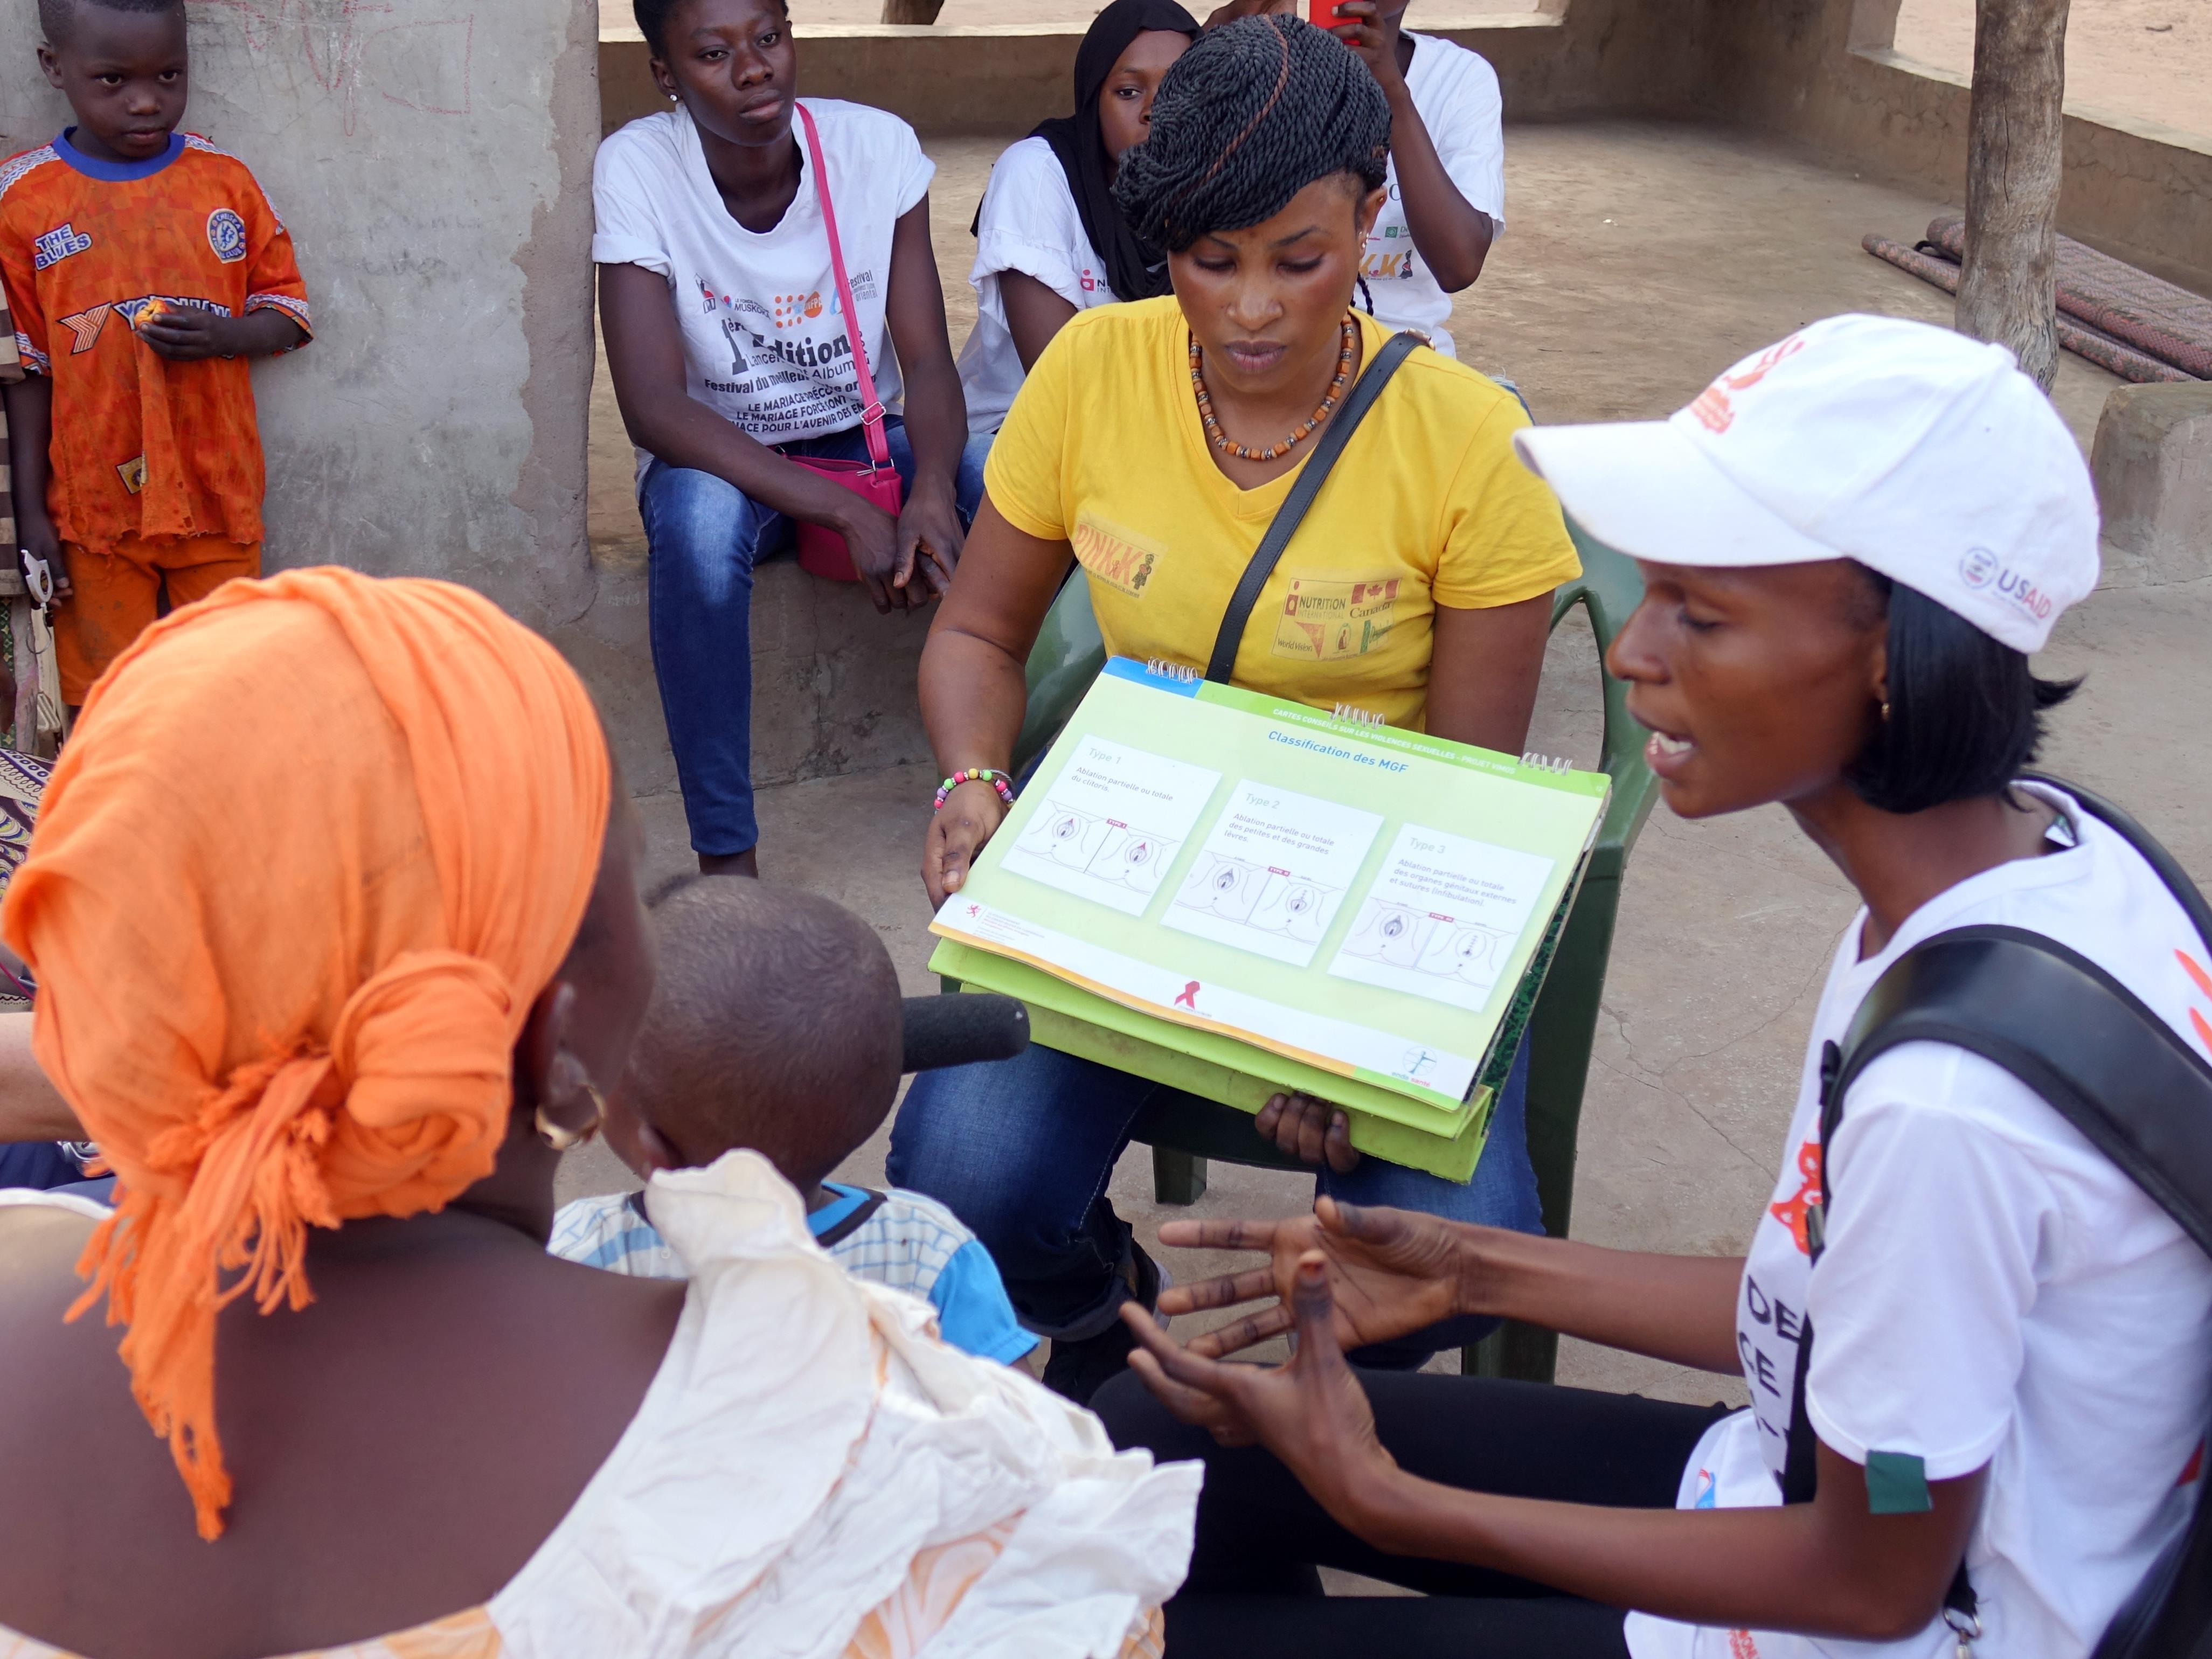 Des jeunes filles discutent de l'excision avec une femme entourée de ses enfants.